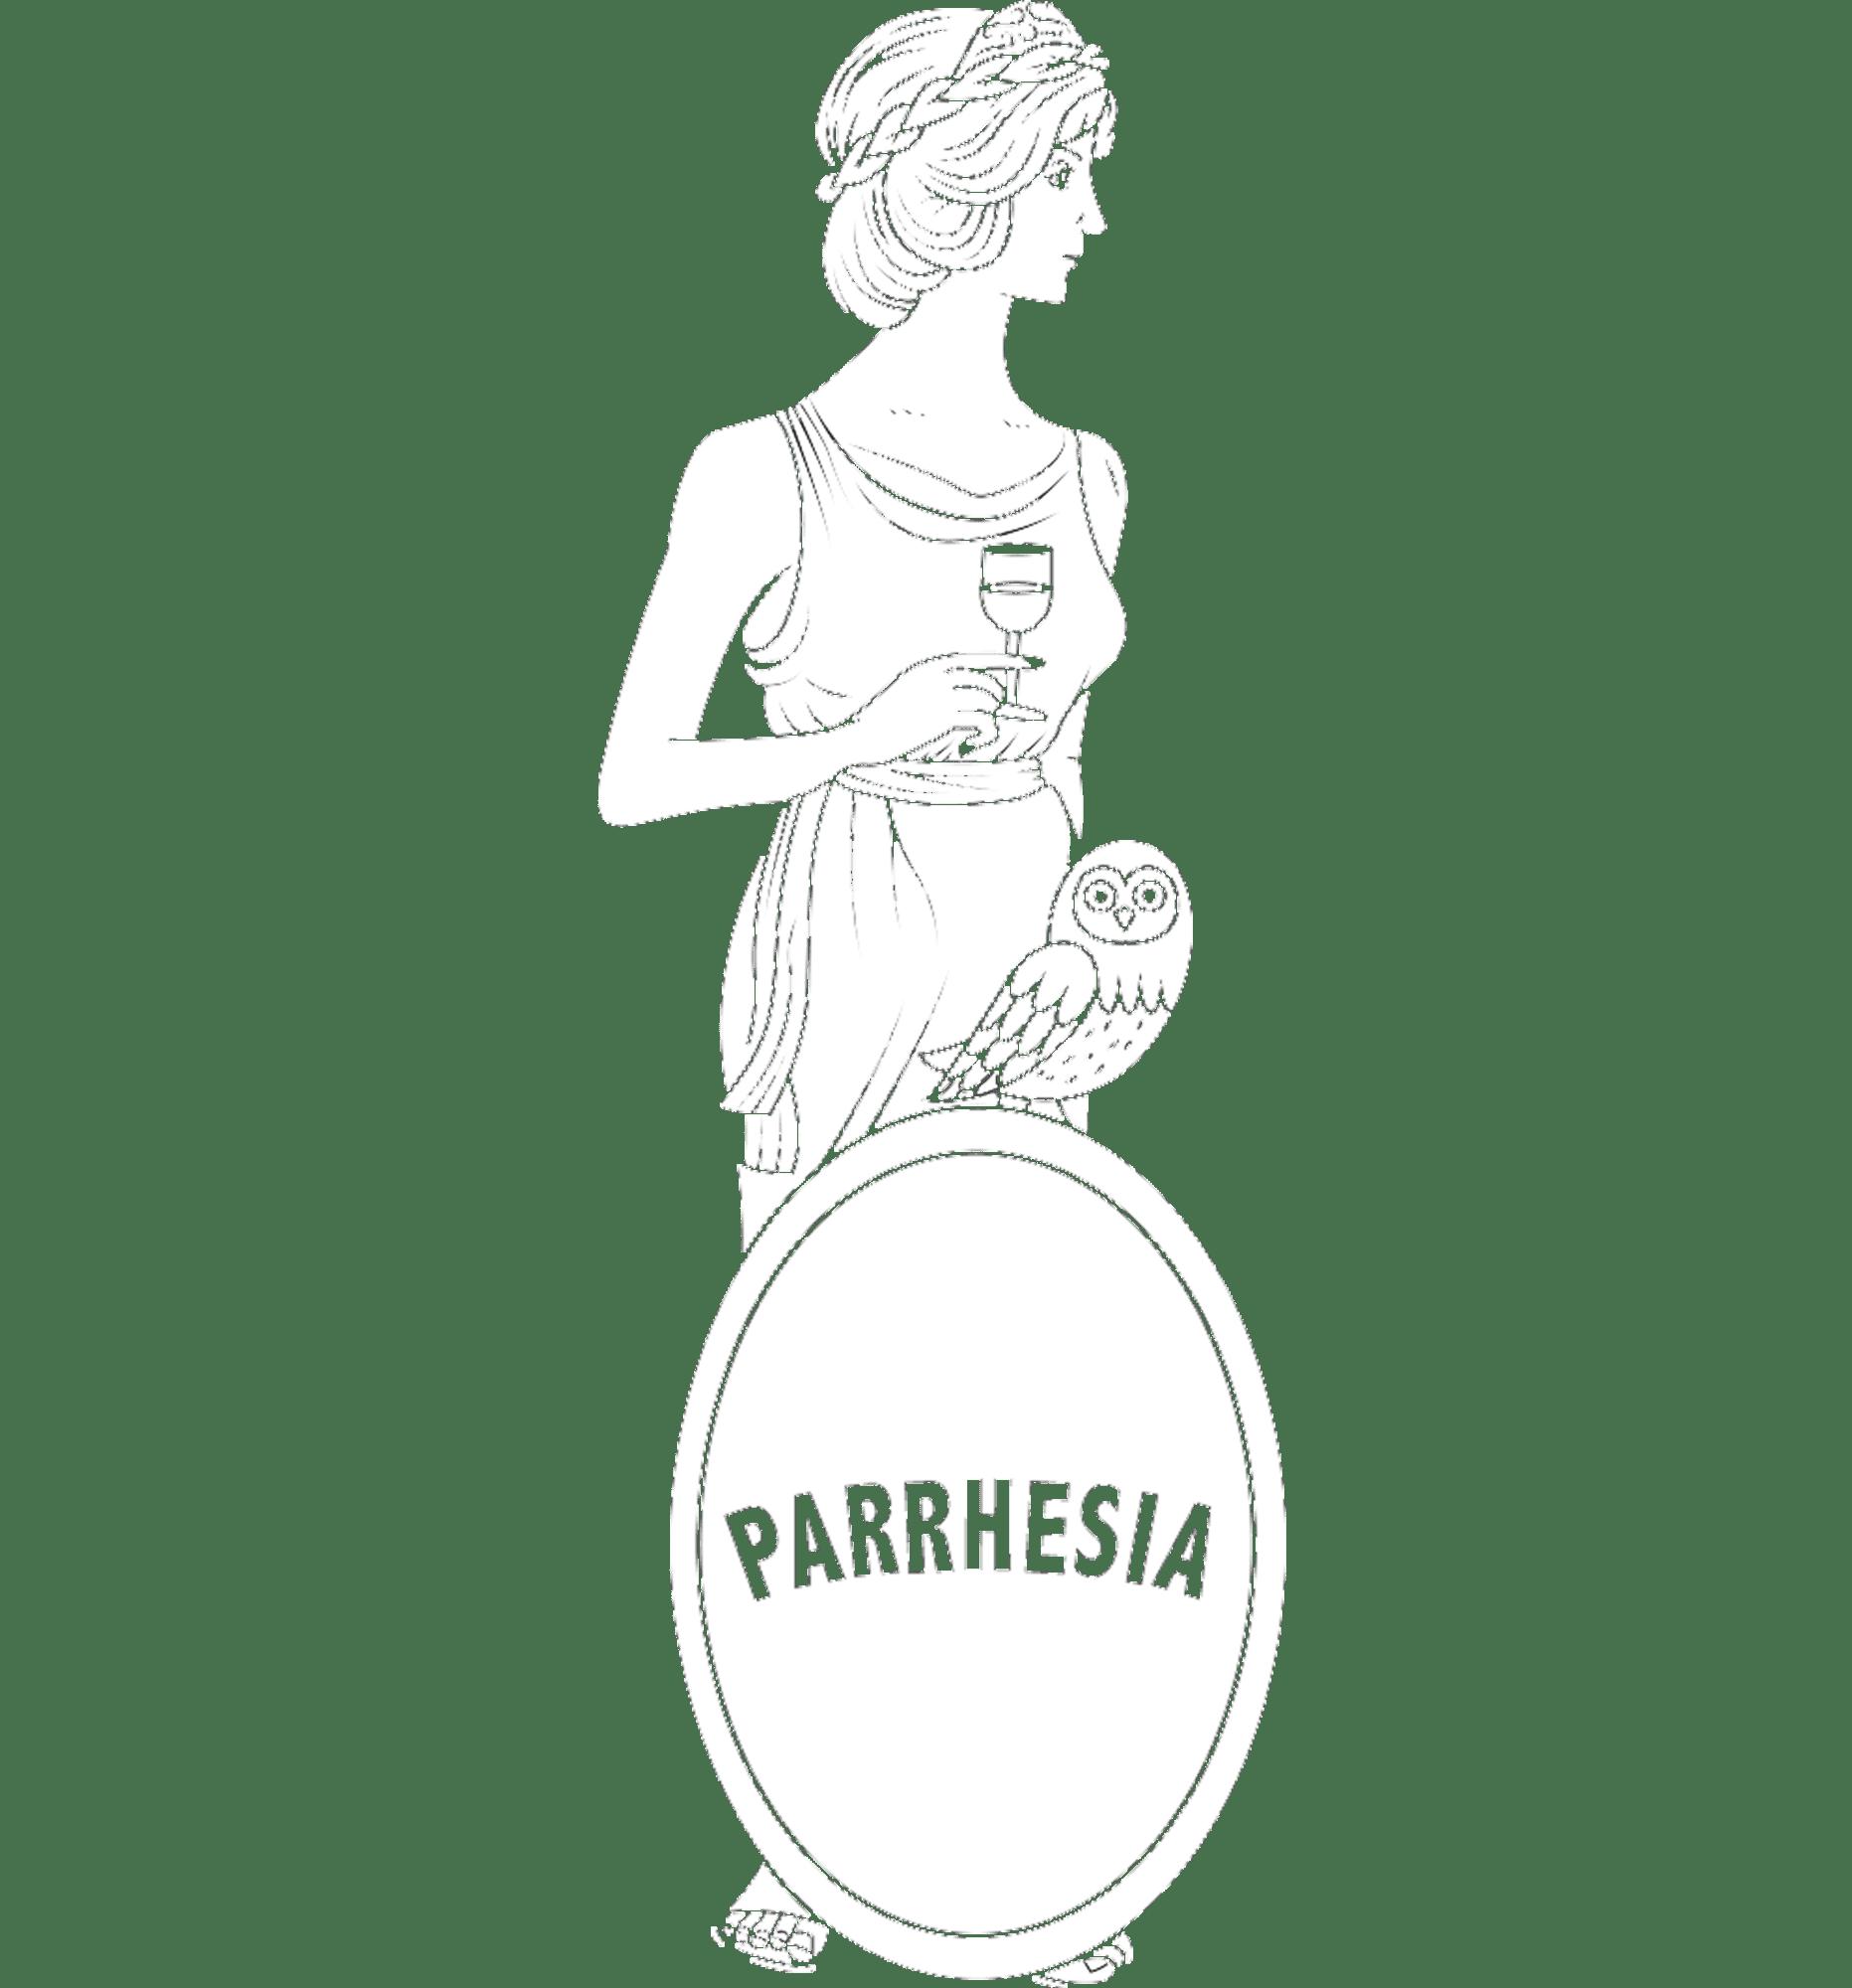 Logo Parrhesia